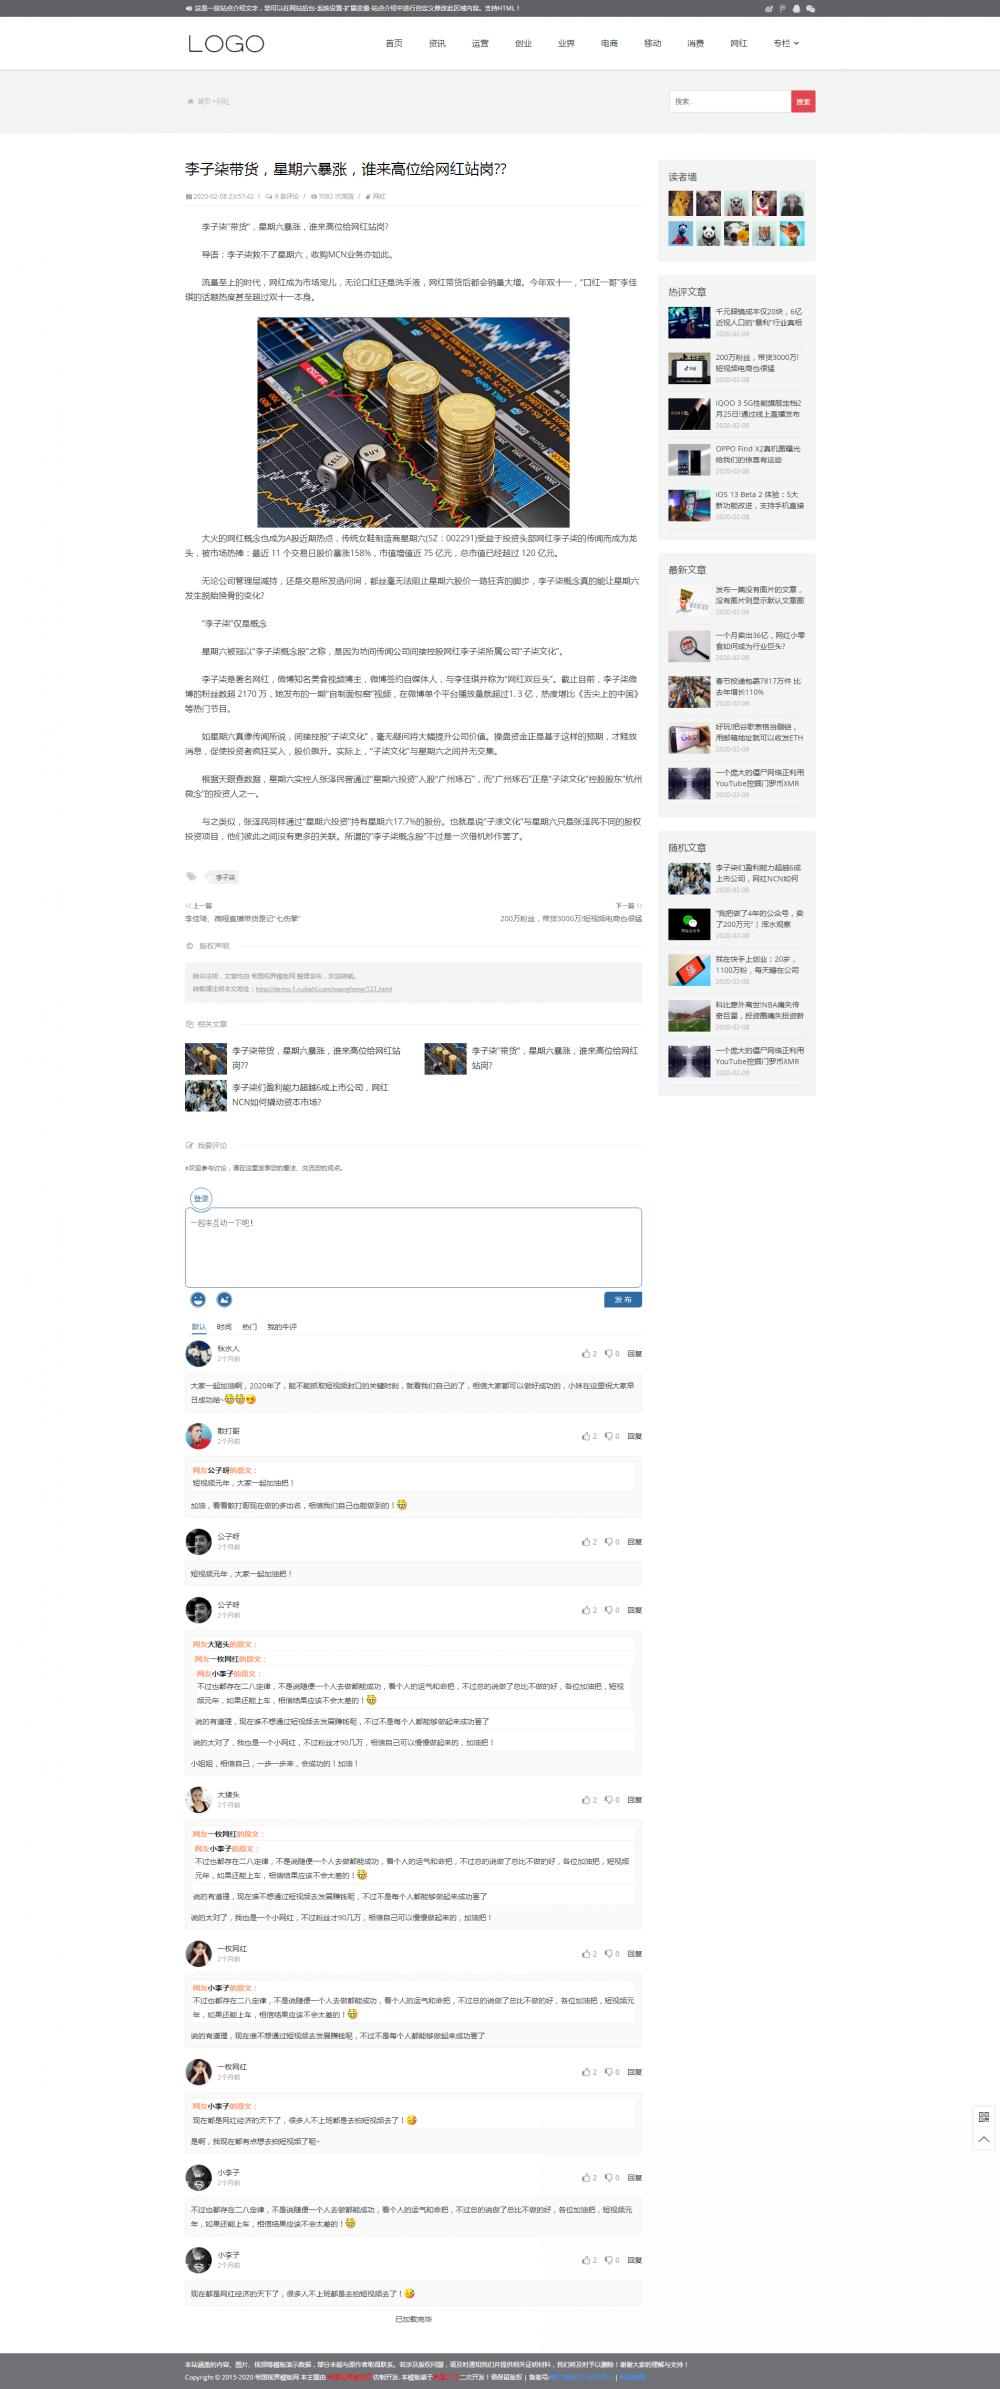 [DG-083]帝国CMS自适应简约个人博客文章资讯新闻模板 [DG-083]帝国CMS自适应简约个人博客文章资讯新闻模板 博客文章 第4张